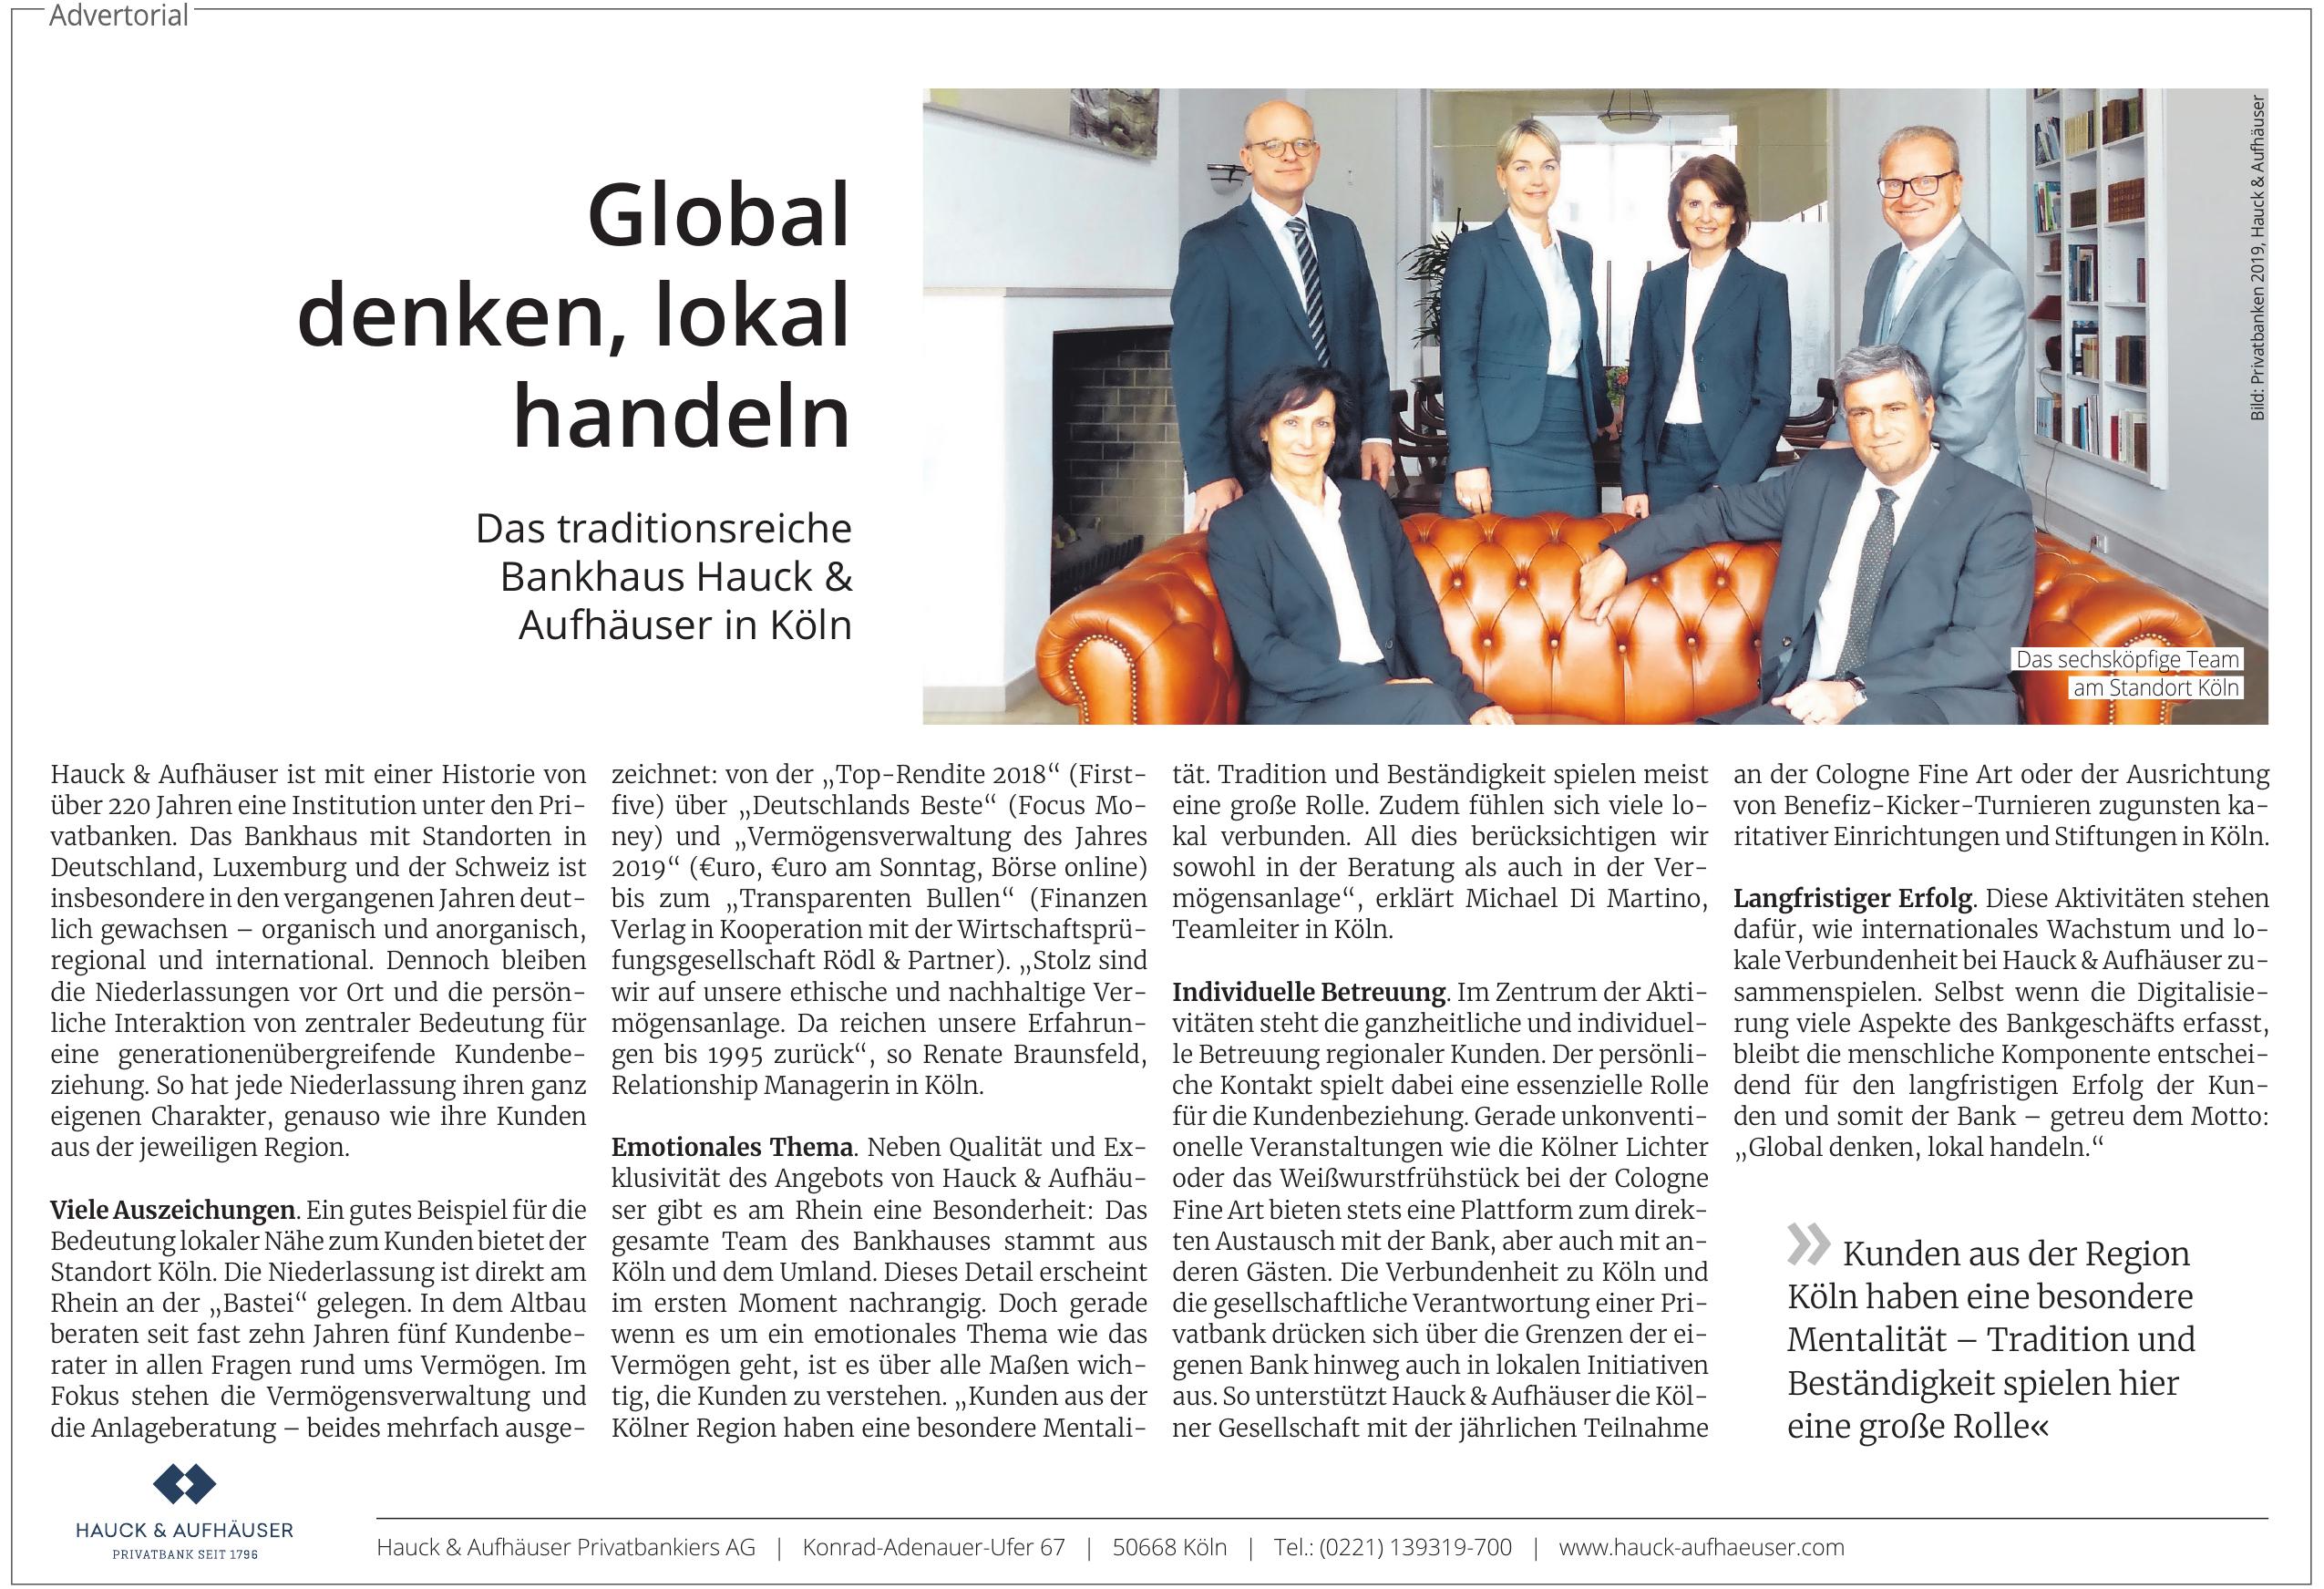 Hauck & Aufhäuser Privatbankiers AG